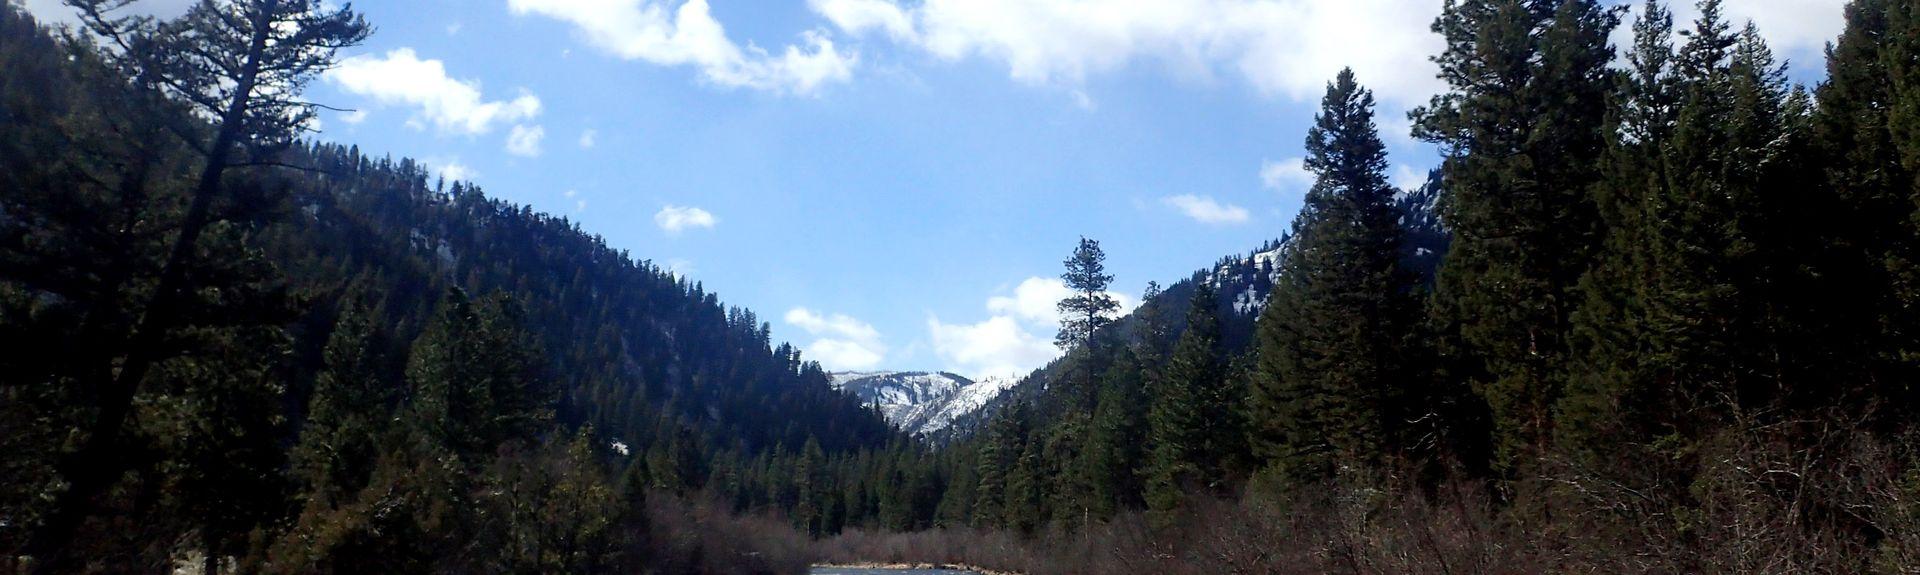 Bitterroot Valley, MT, USA